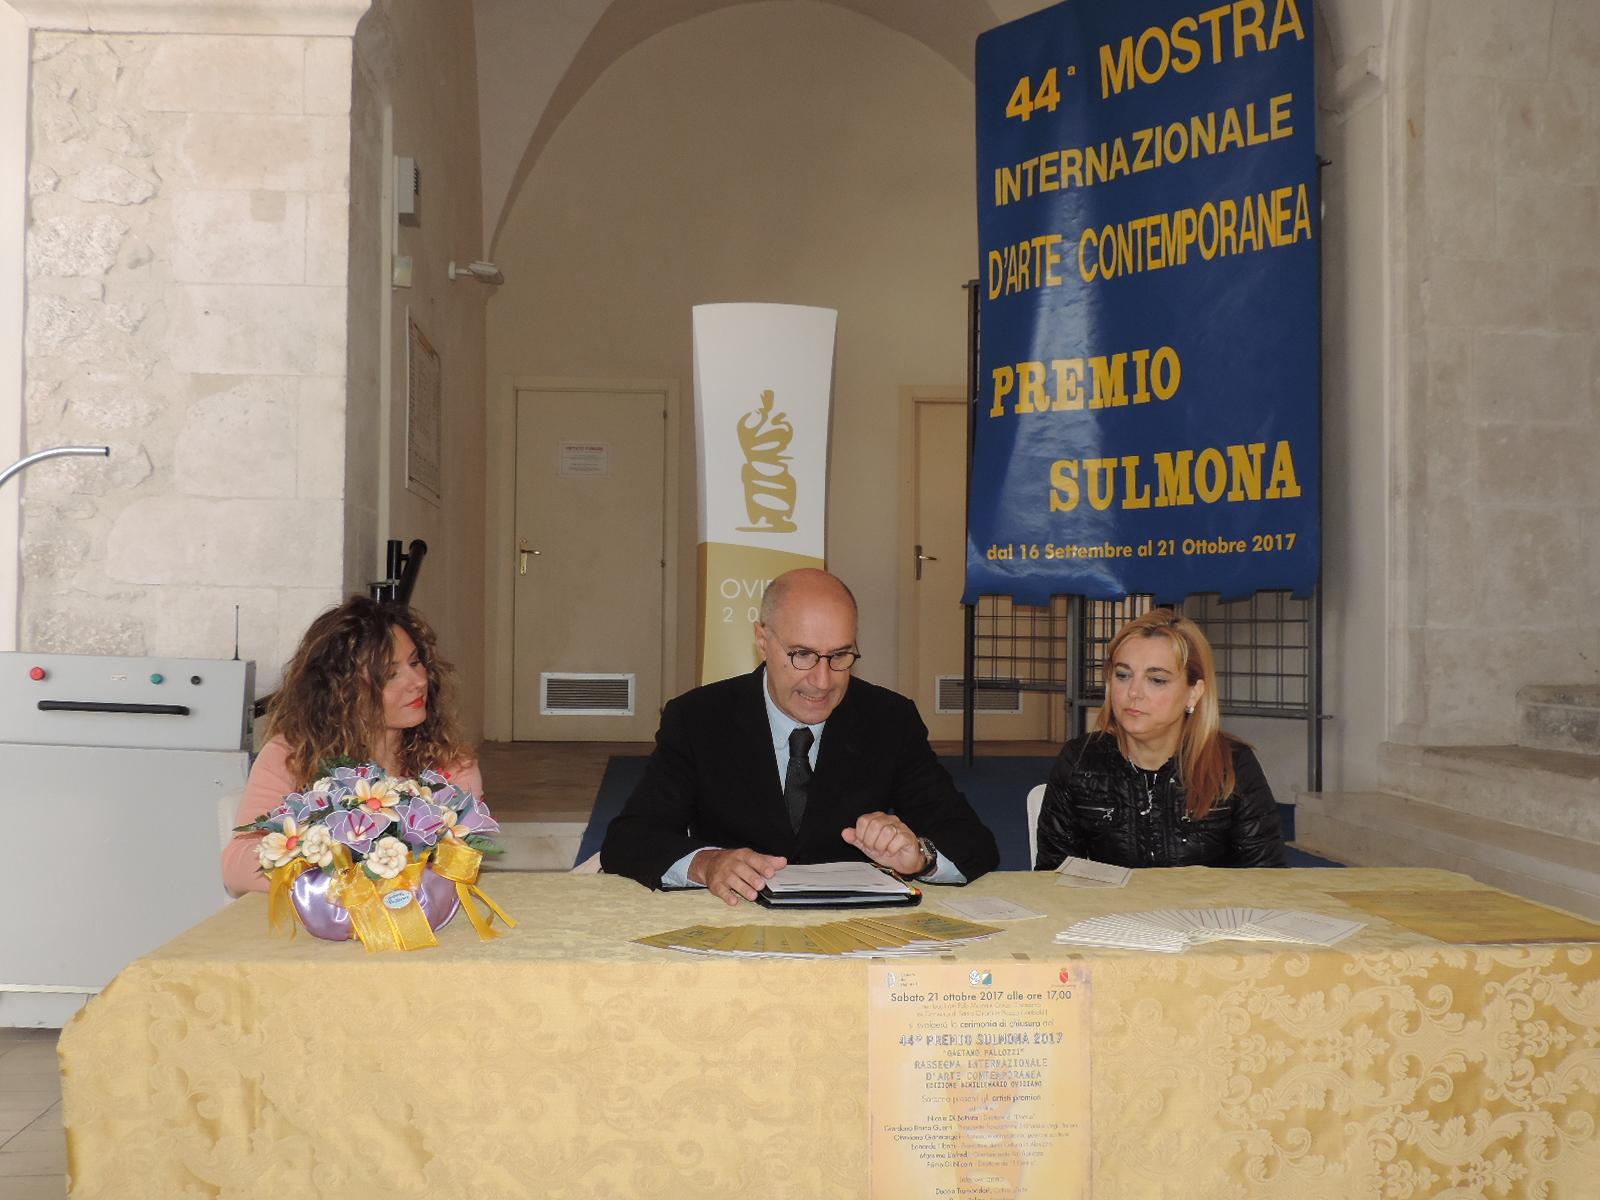 CENTROABRUZZONEWS  PREMIO SULMONA RASSEGNA D ARTE CONTEMPORANEA e16137c885b